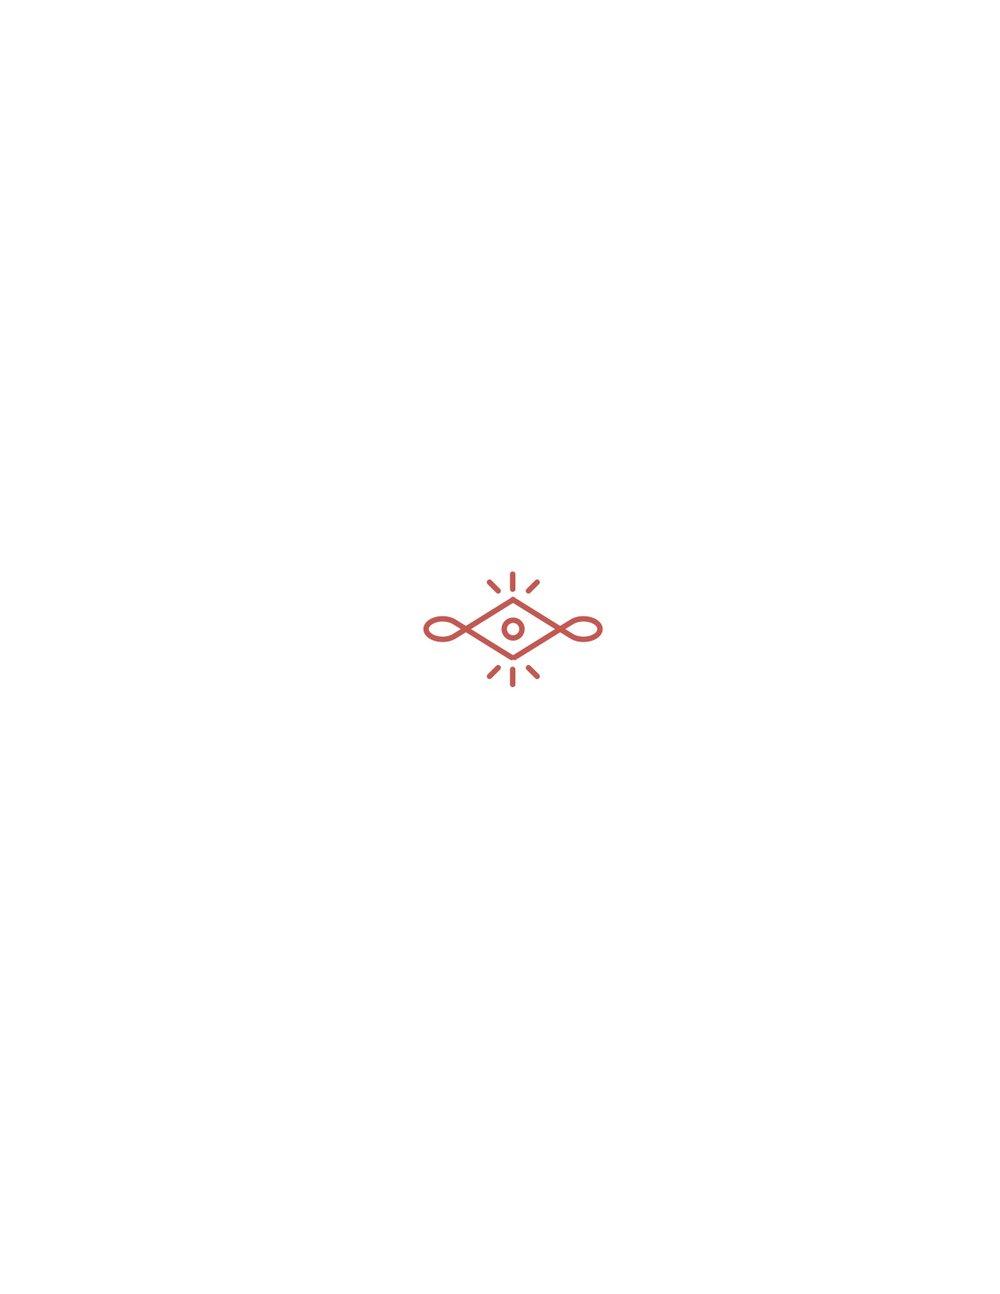 Evil_eye_logo.jpg